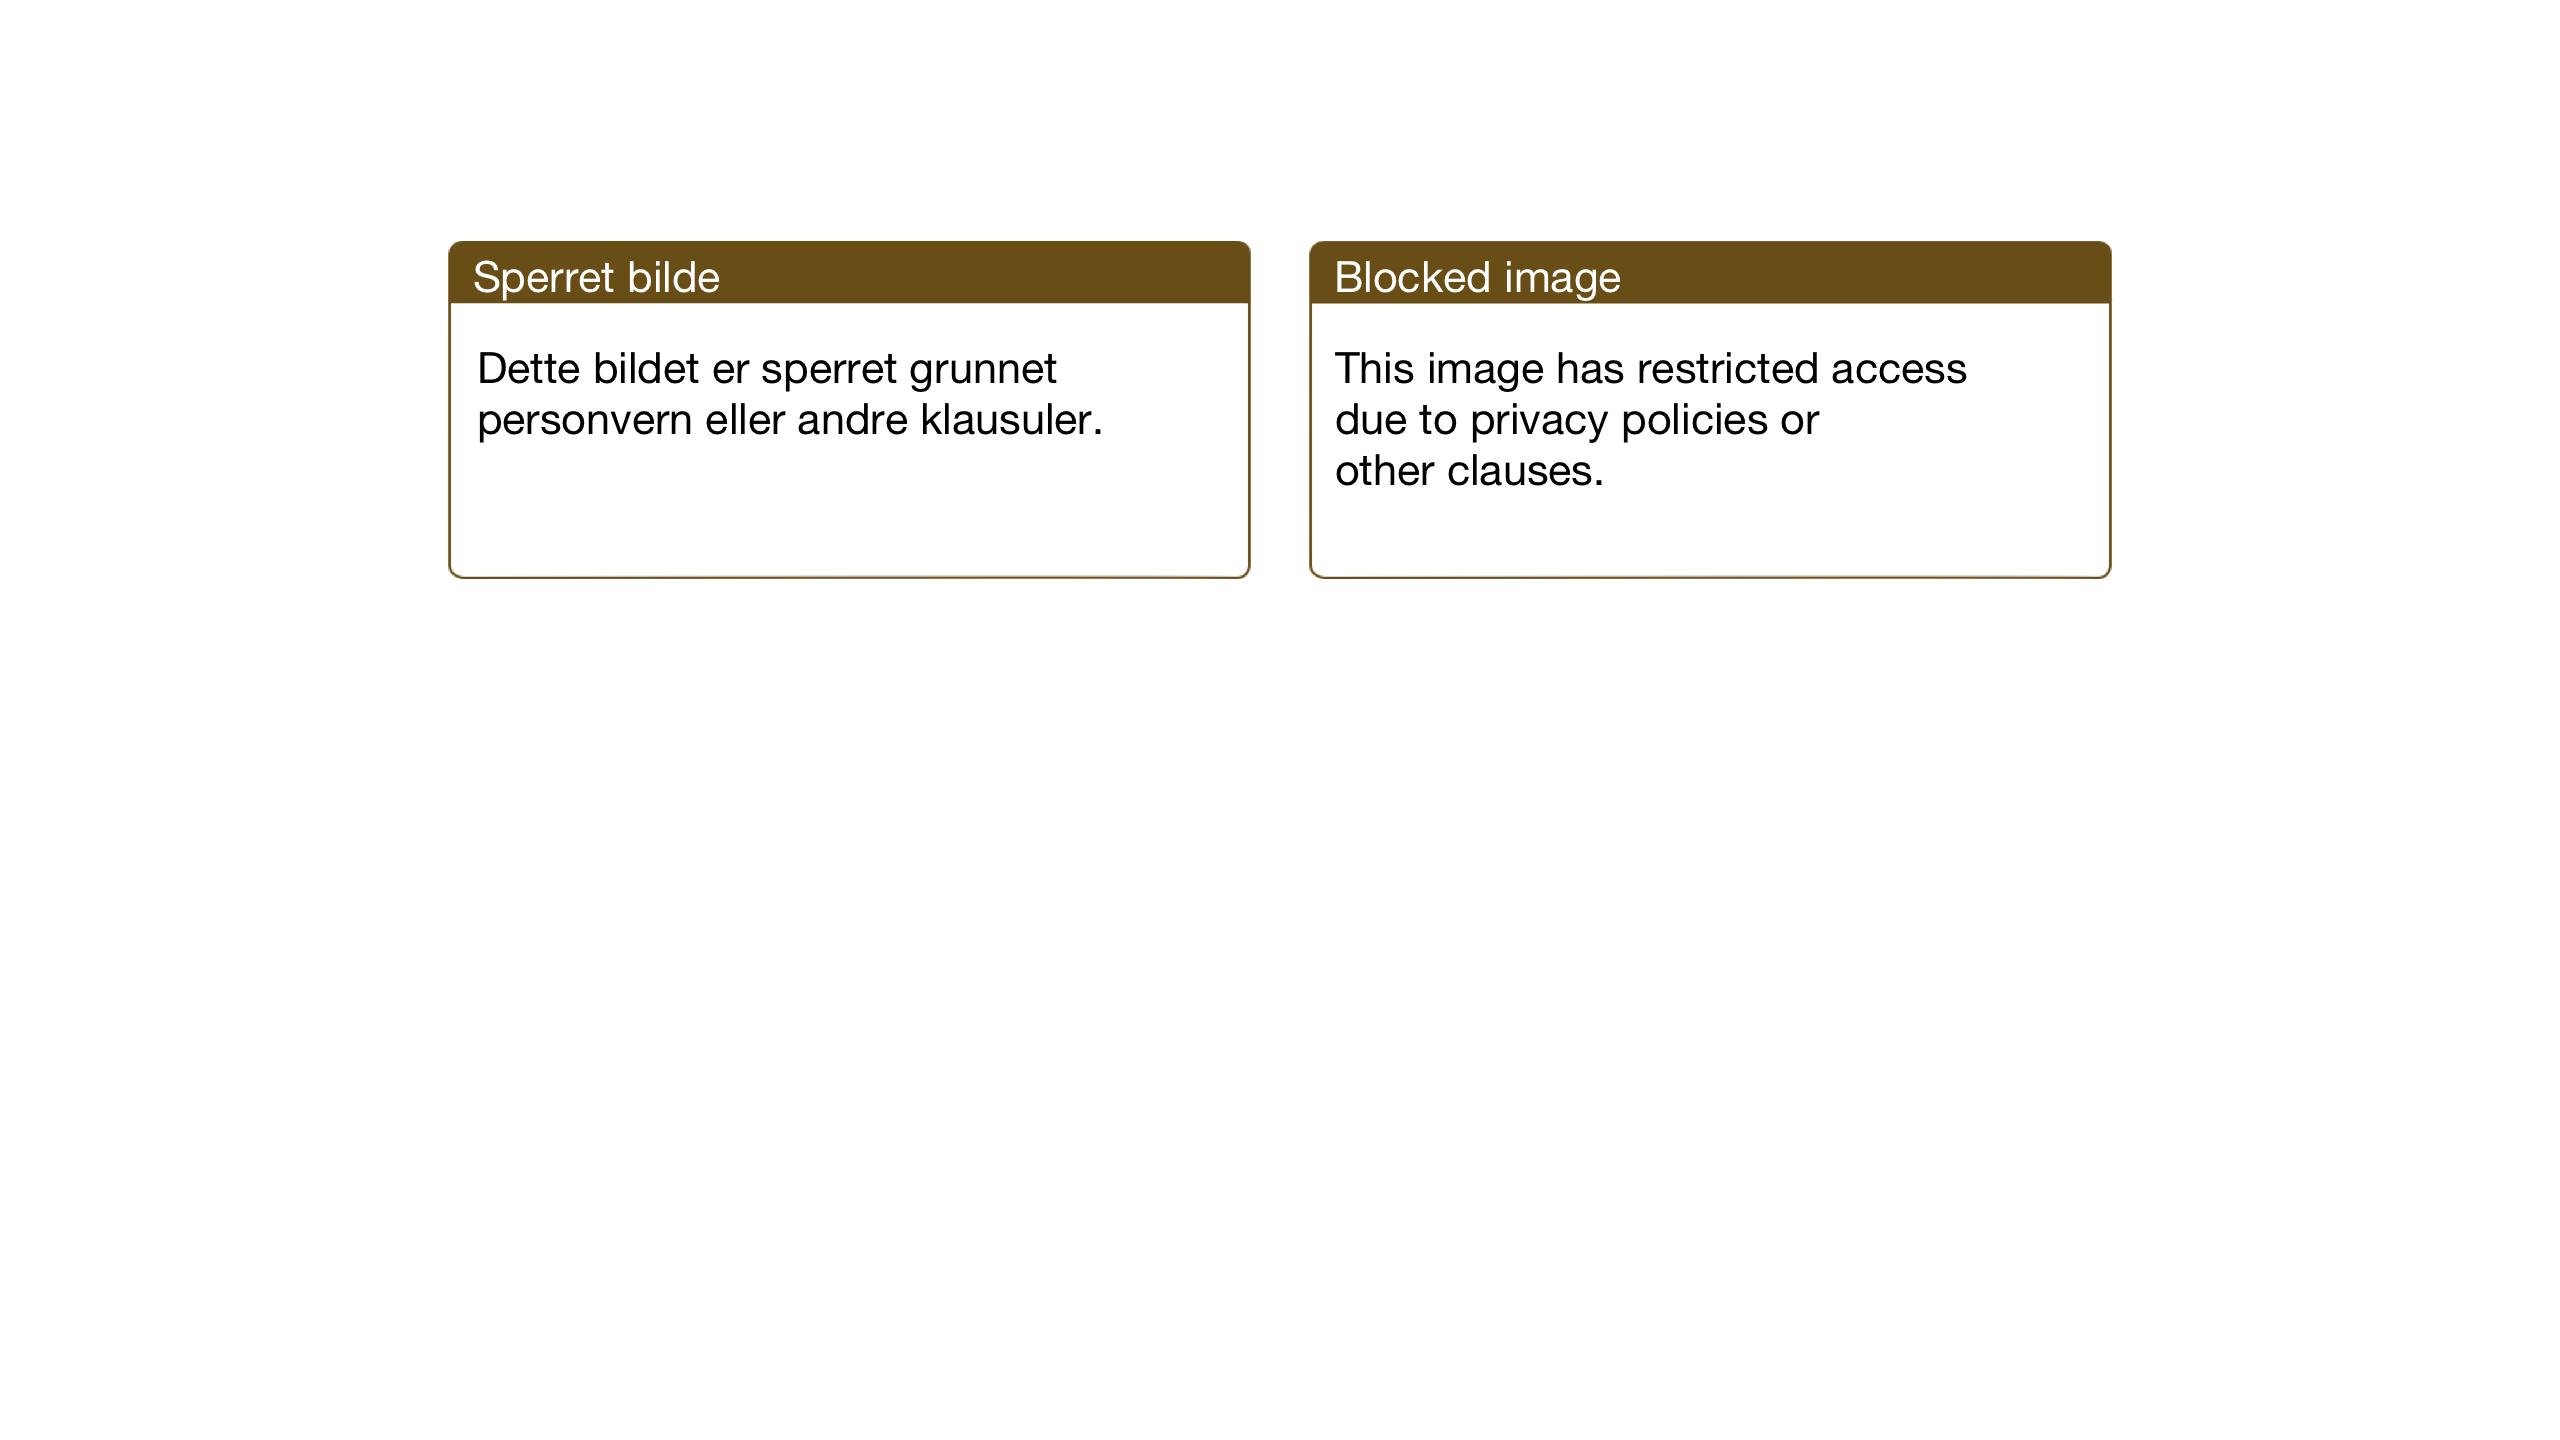 SAT, Ministerialprotokoller, klokkerbøker og fødselsregistre - Nord-Trøndelag, 770/L0592: Klokkerbok nr. 770C03, 1941-1950, s. 149